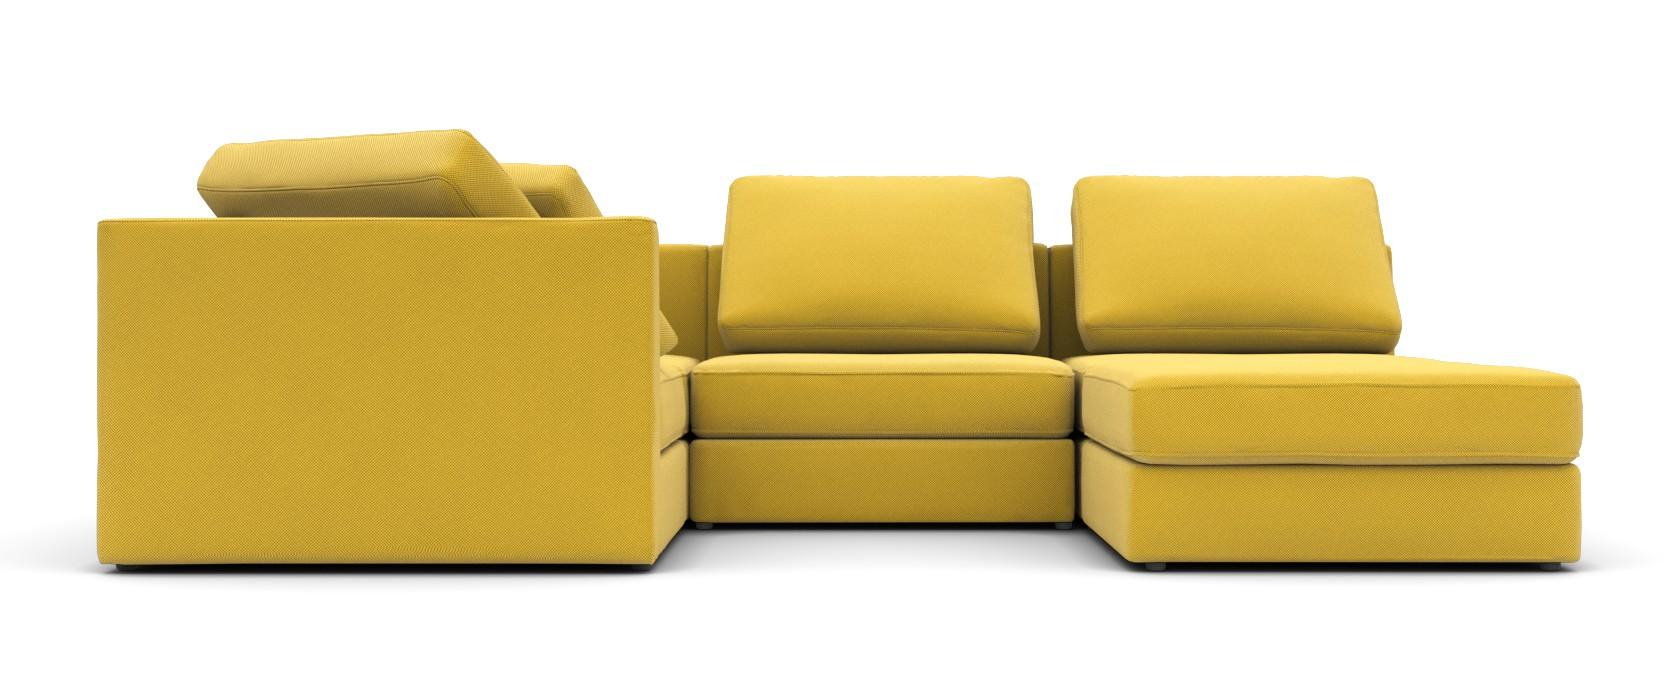 Модульний диван Lisboa 288x216 - Pufetto